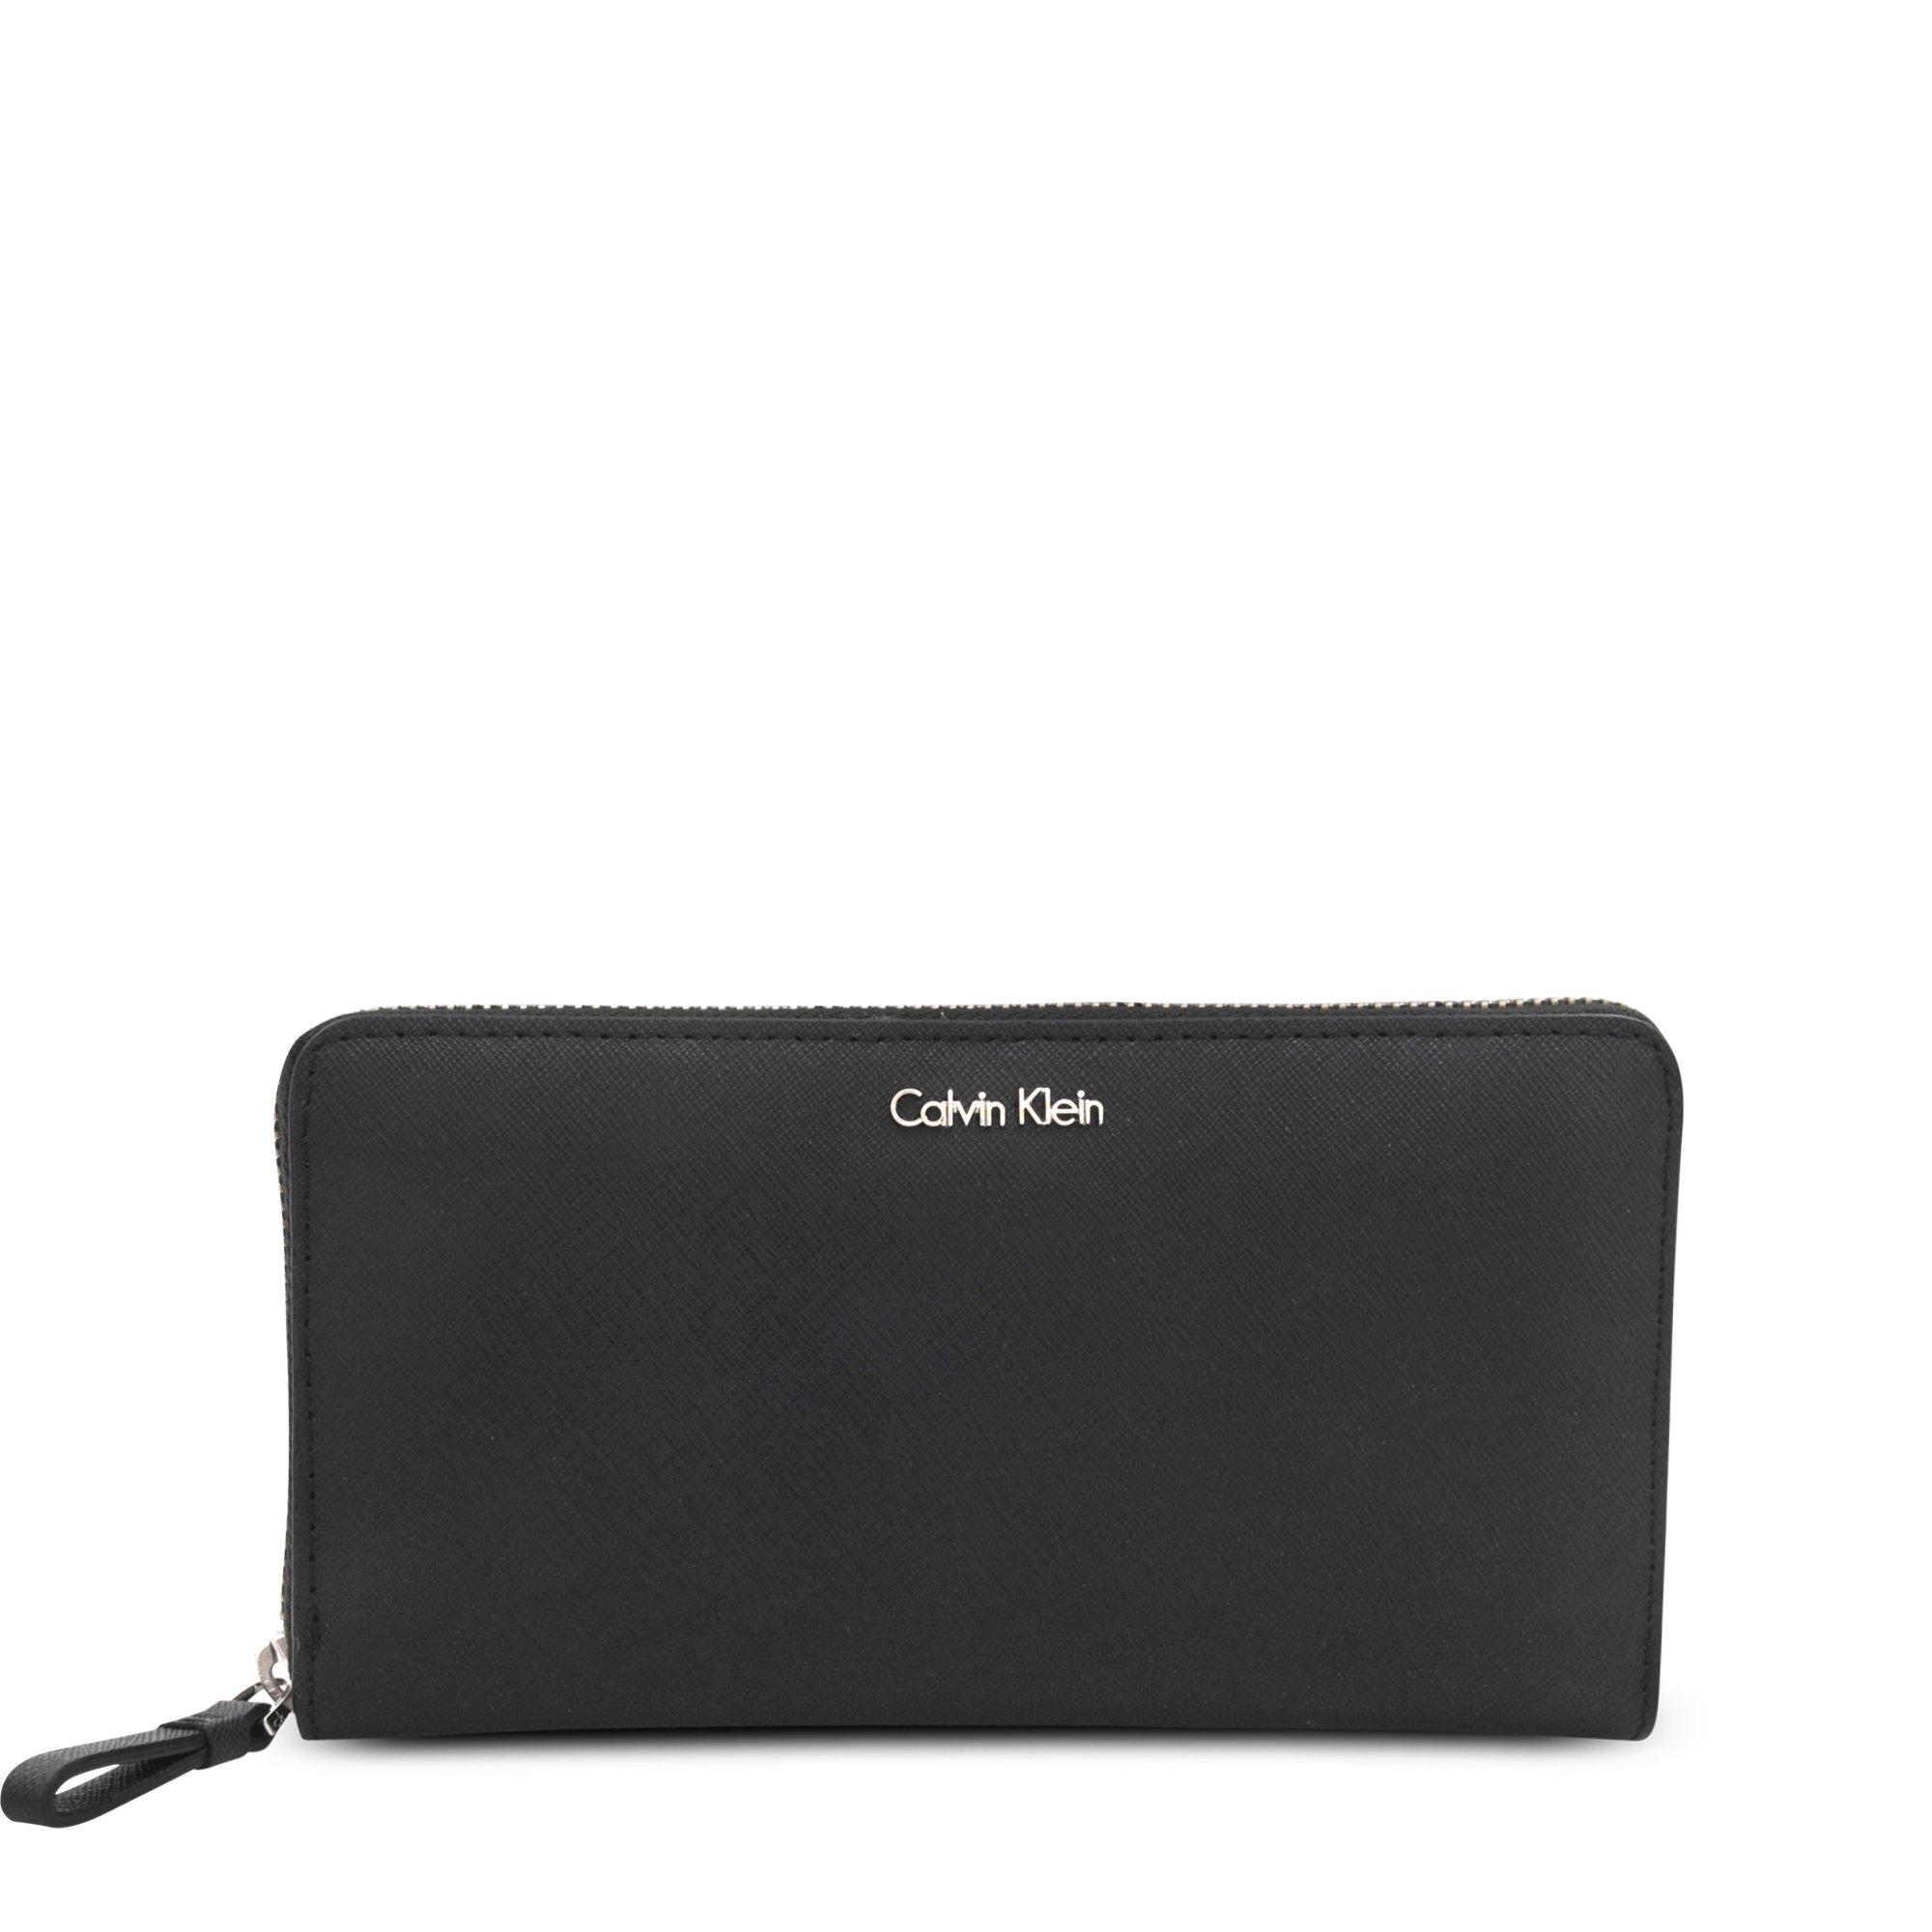 39e092b6db Calvin Klein Sophie Saffiano Zip Wallet in Black - Lyst